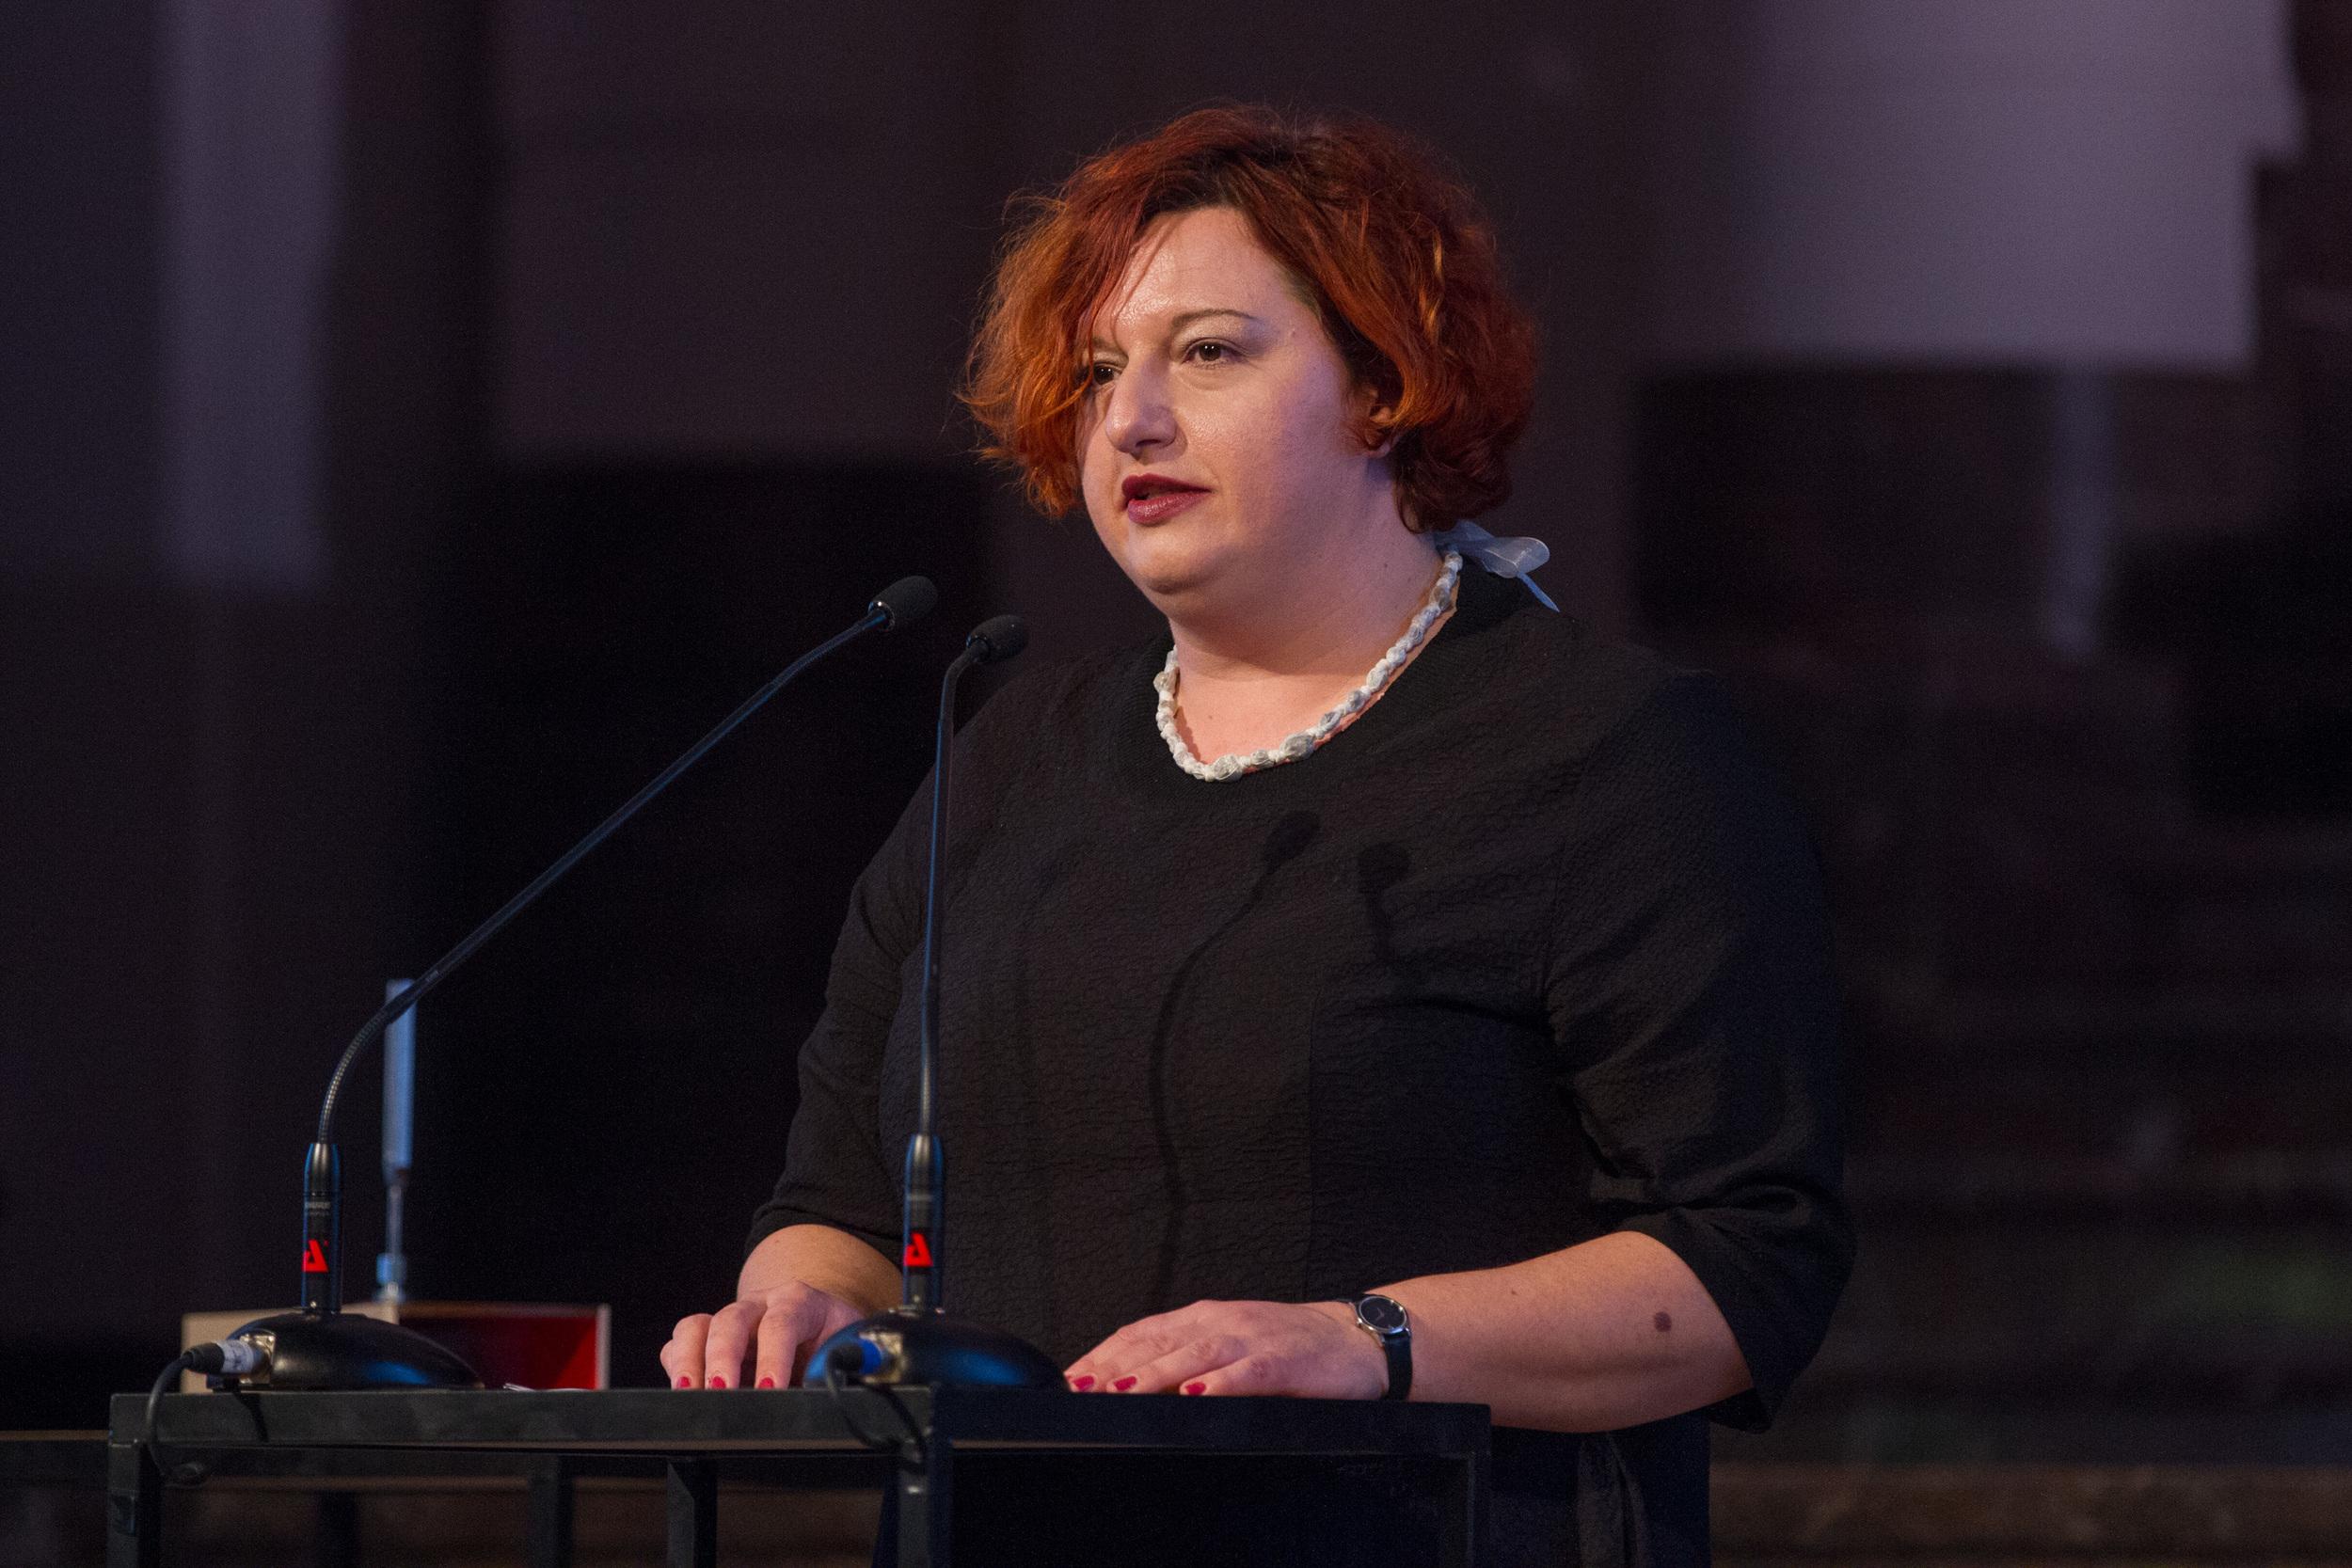 Emina Višnić, director of POGON in Zagreb. Photo ©Xander Remkes